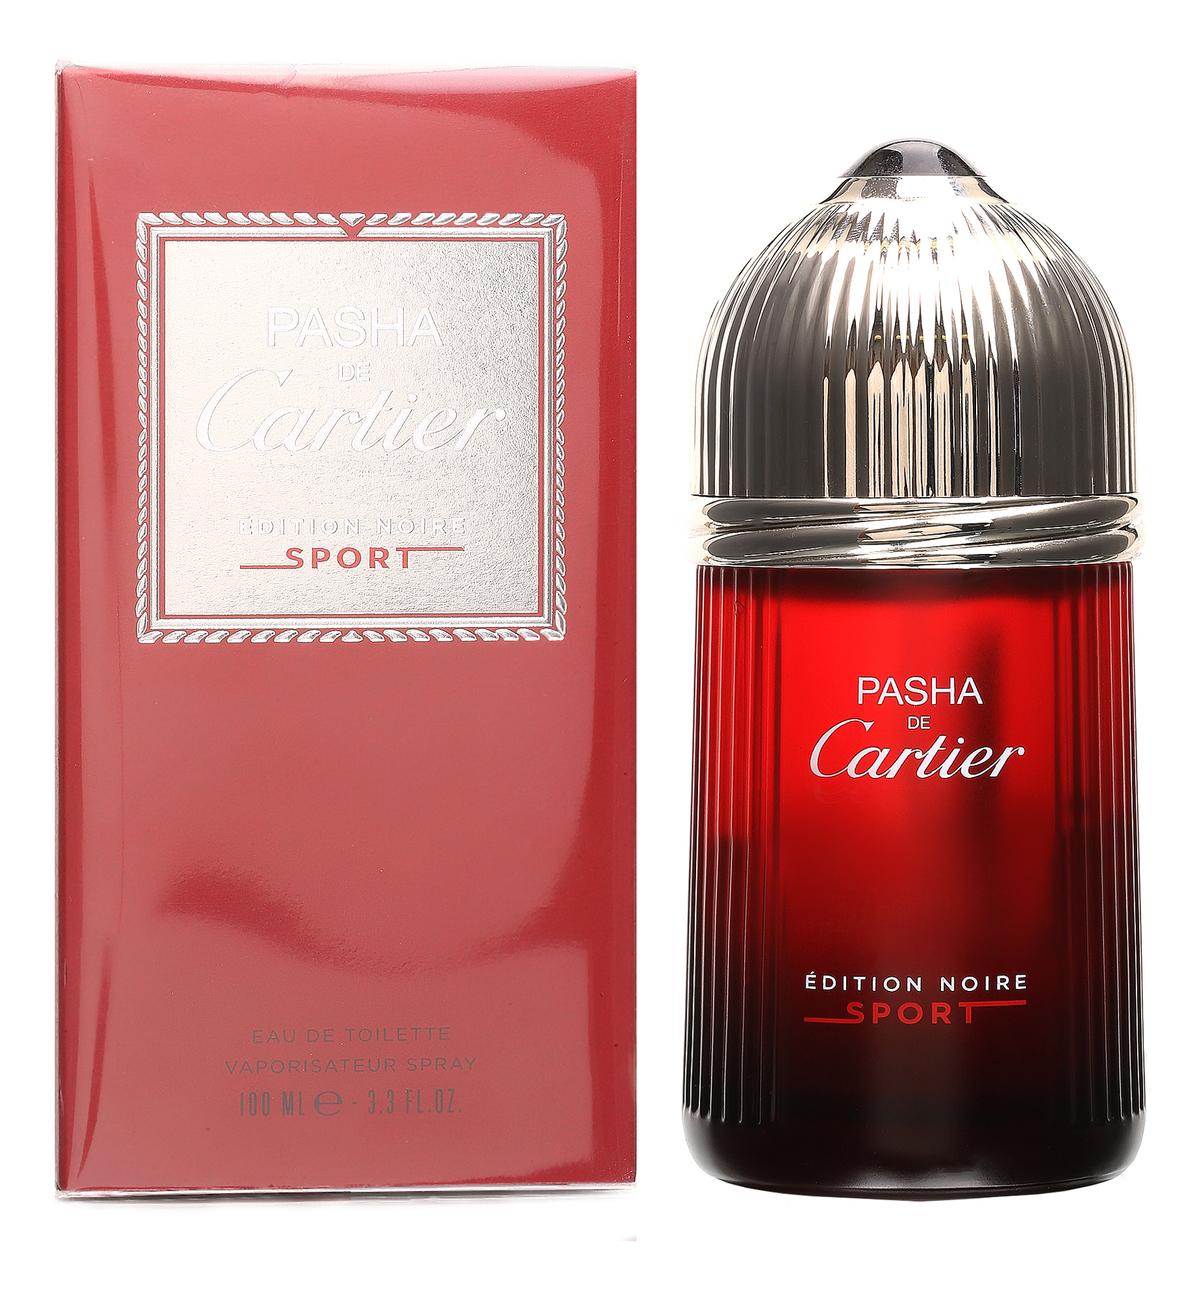 Pasha de Cartier Edition Noire Sport: туалетная вода 100мл